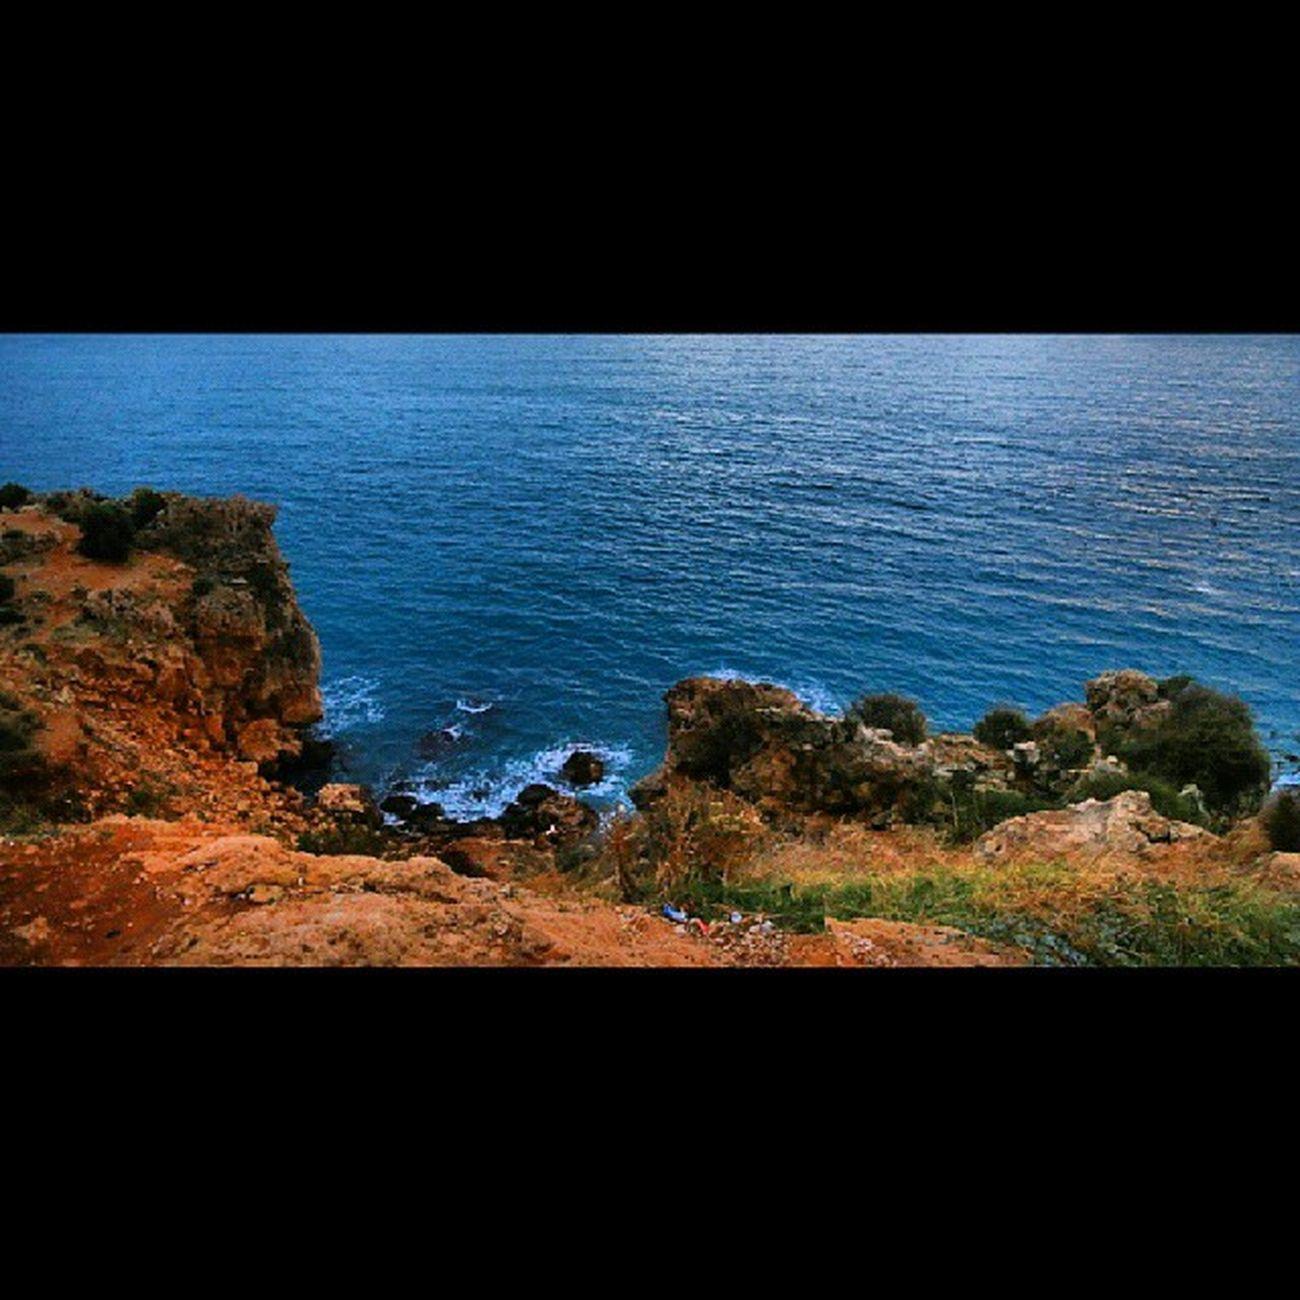 Antalya Deniz Instafrien Instagram gezi photos picture instafriend sonbahar benimgozumden bugununkaresi gününfotografı Turkey tersisik camera likeforlike sea sahil fotograf benimobjektifimden turkishfollowers